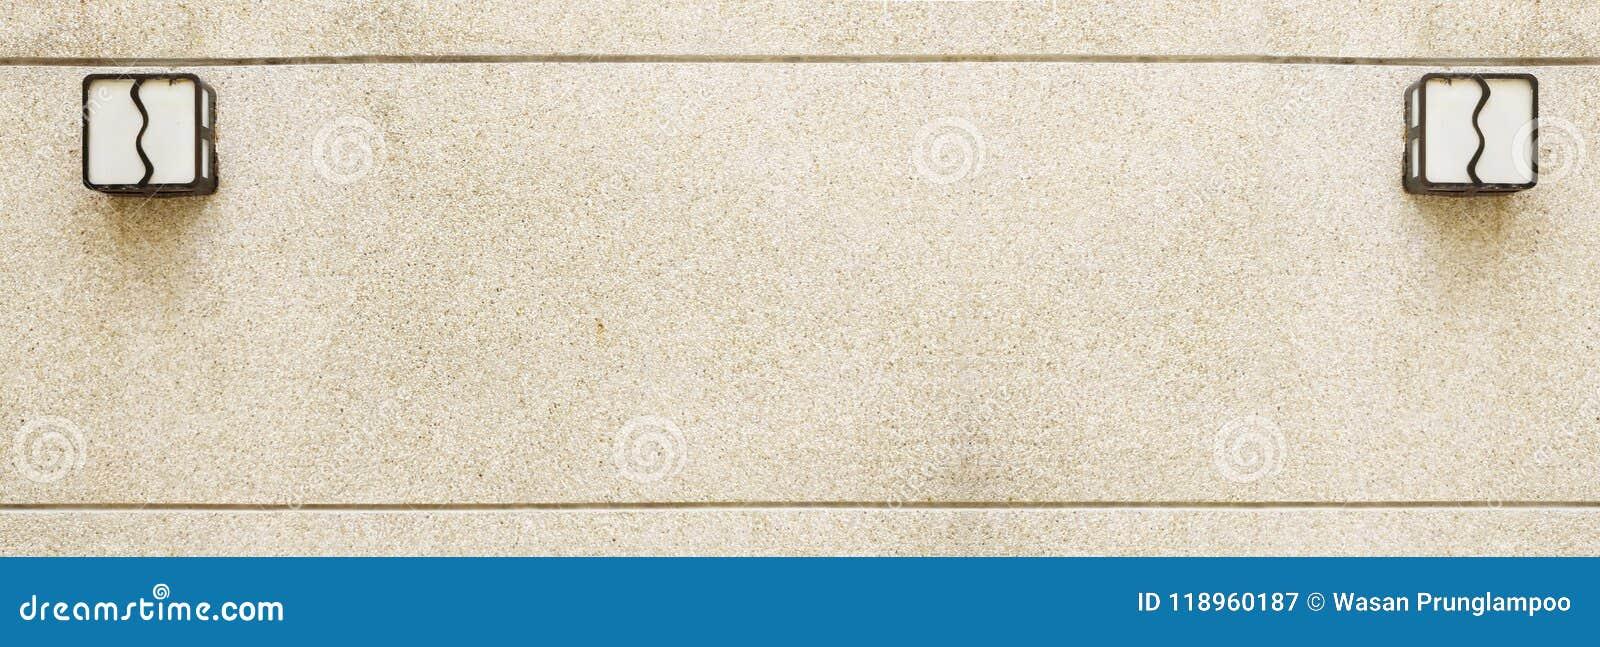 Αμμοχάλικο στον τοίχο με το λαμπτήρα